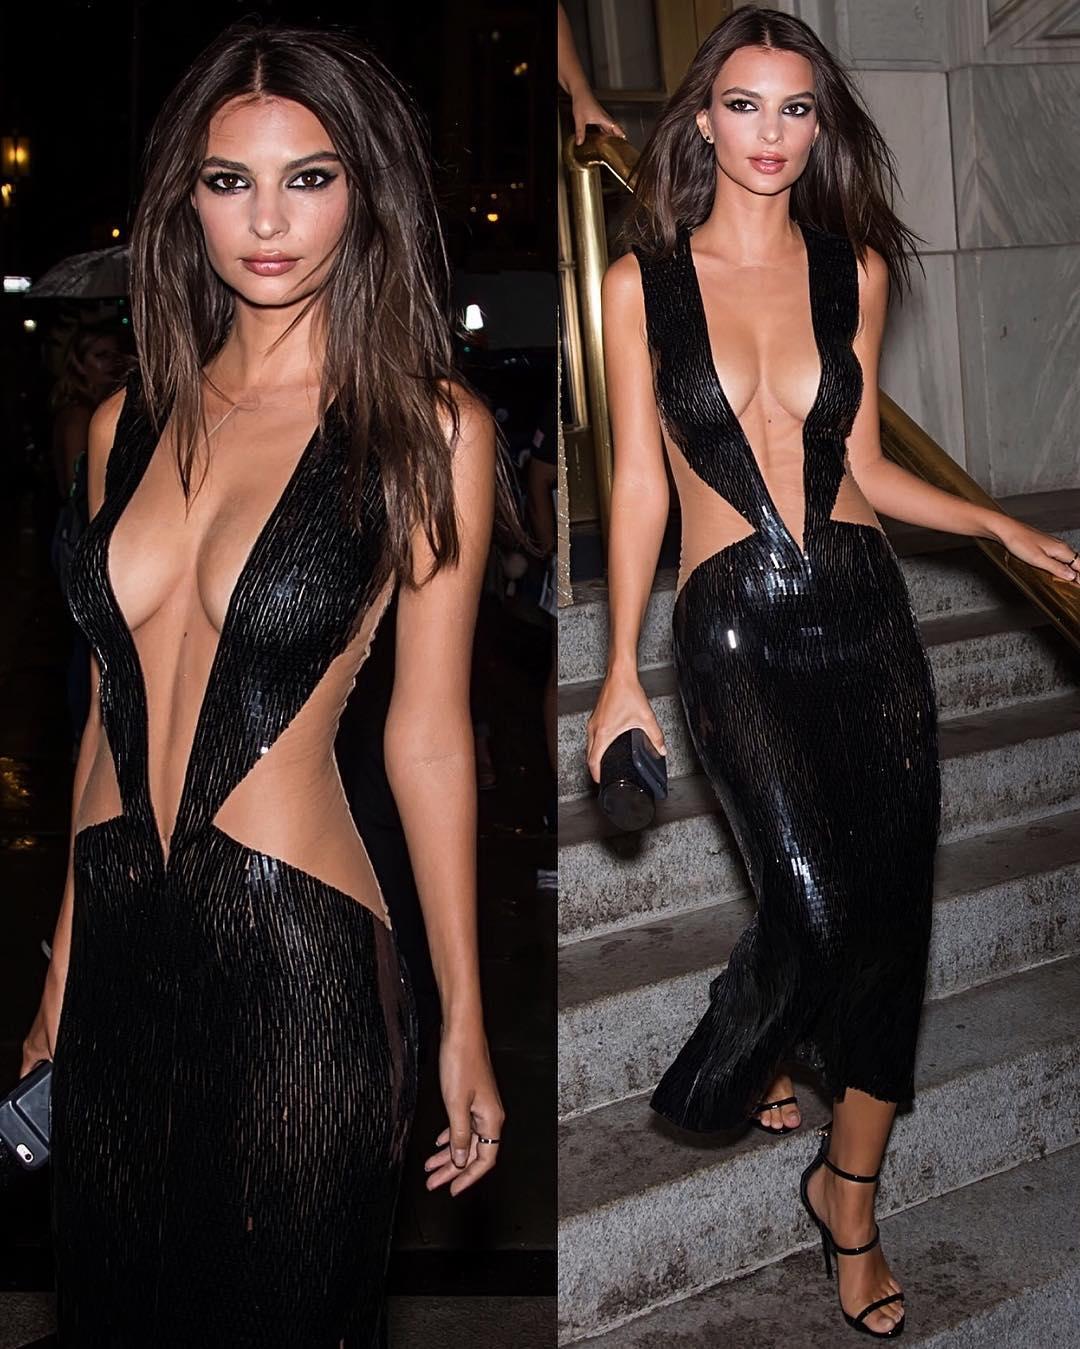 Dünyaca ünlü model Emily Ratajkowski aşırı sexy göğüs dekolteli siyah elbisesi ile yürekleri hoplattı. HD foto galeriyi görüntülemek için buraya tıklayın.